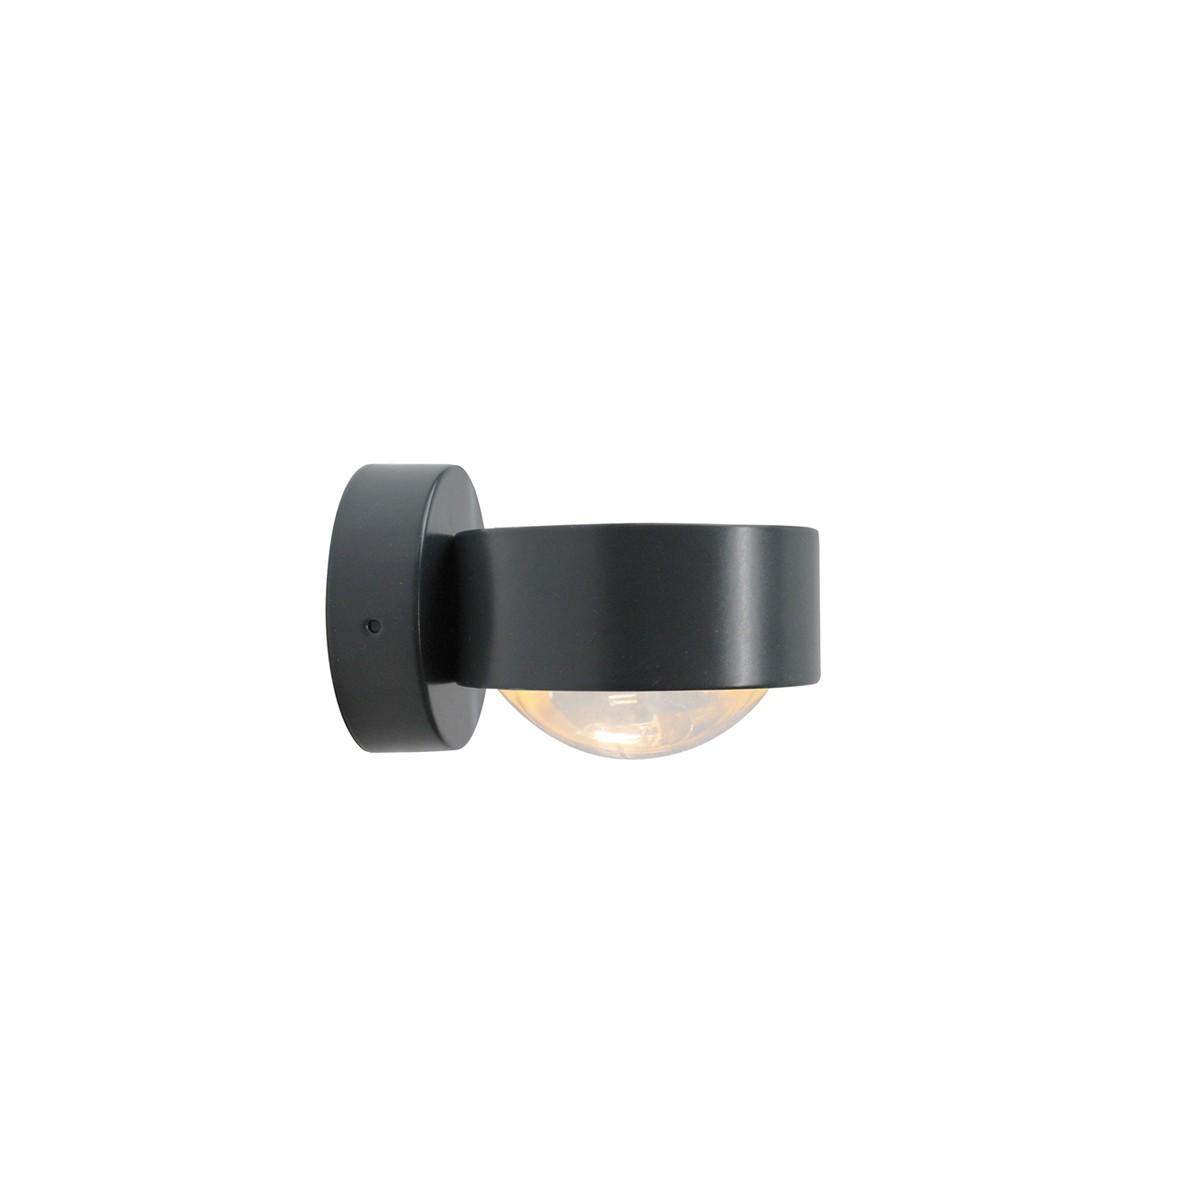 Top Light Puk Wall LED Wandleuchte, anthrazitgrau